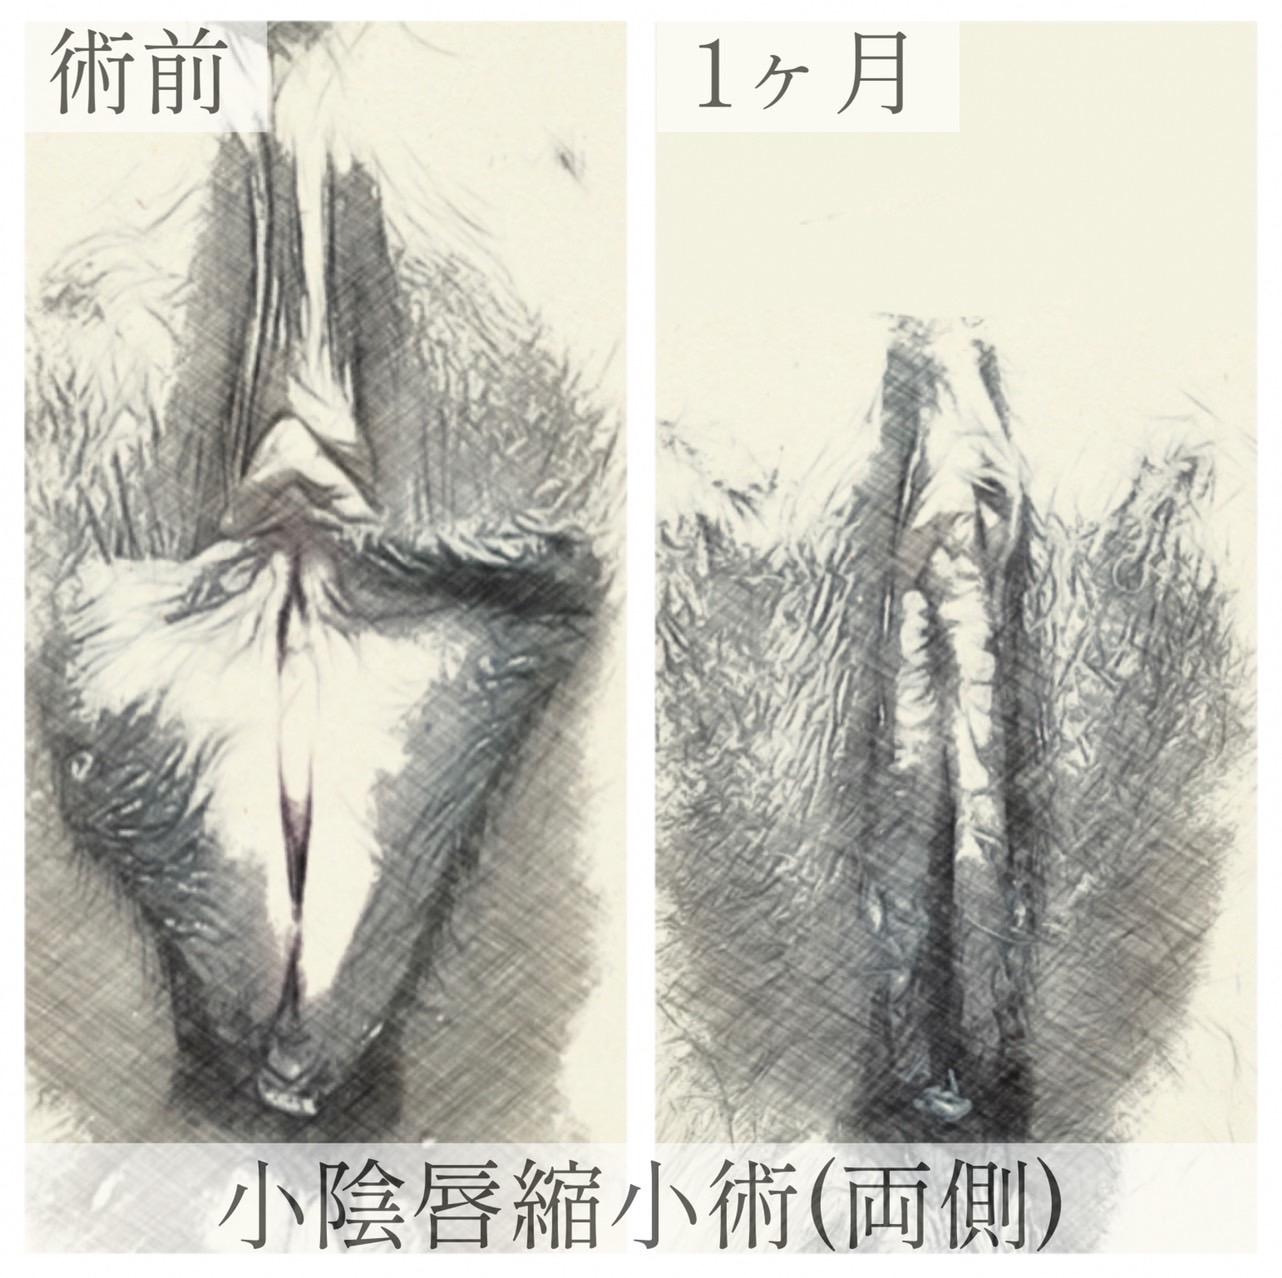 小陰唇の画像